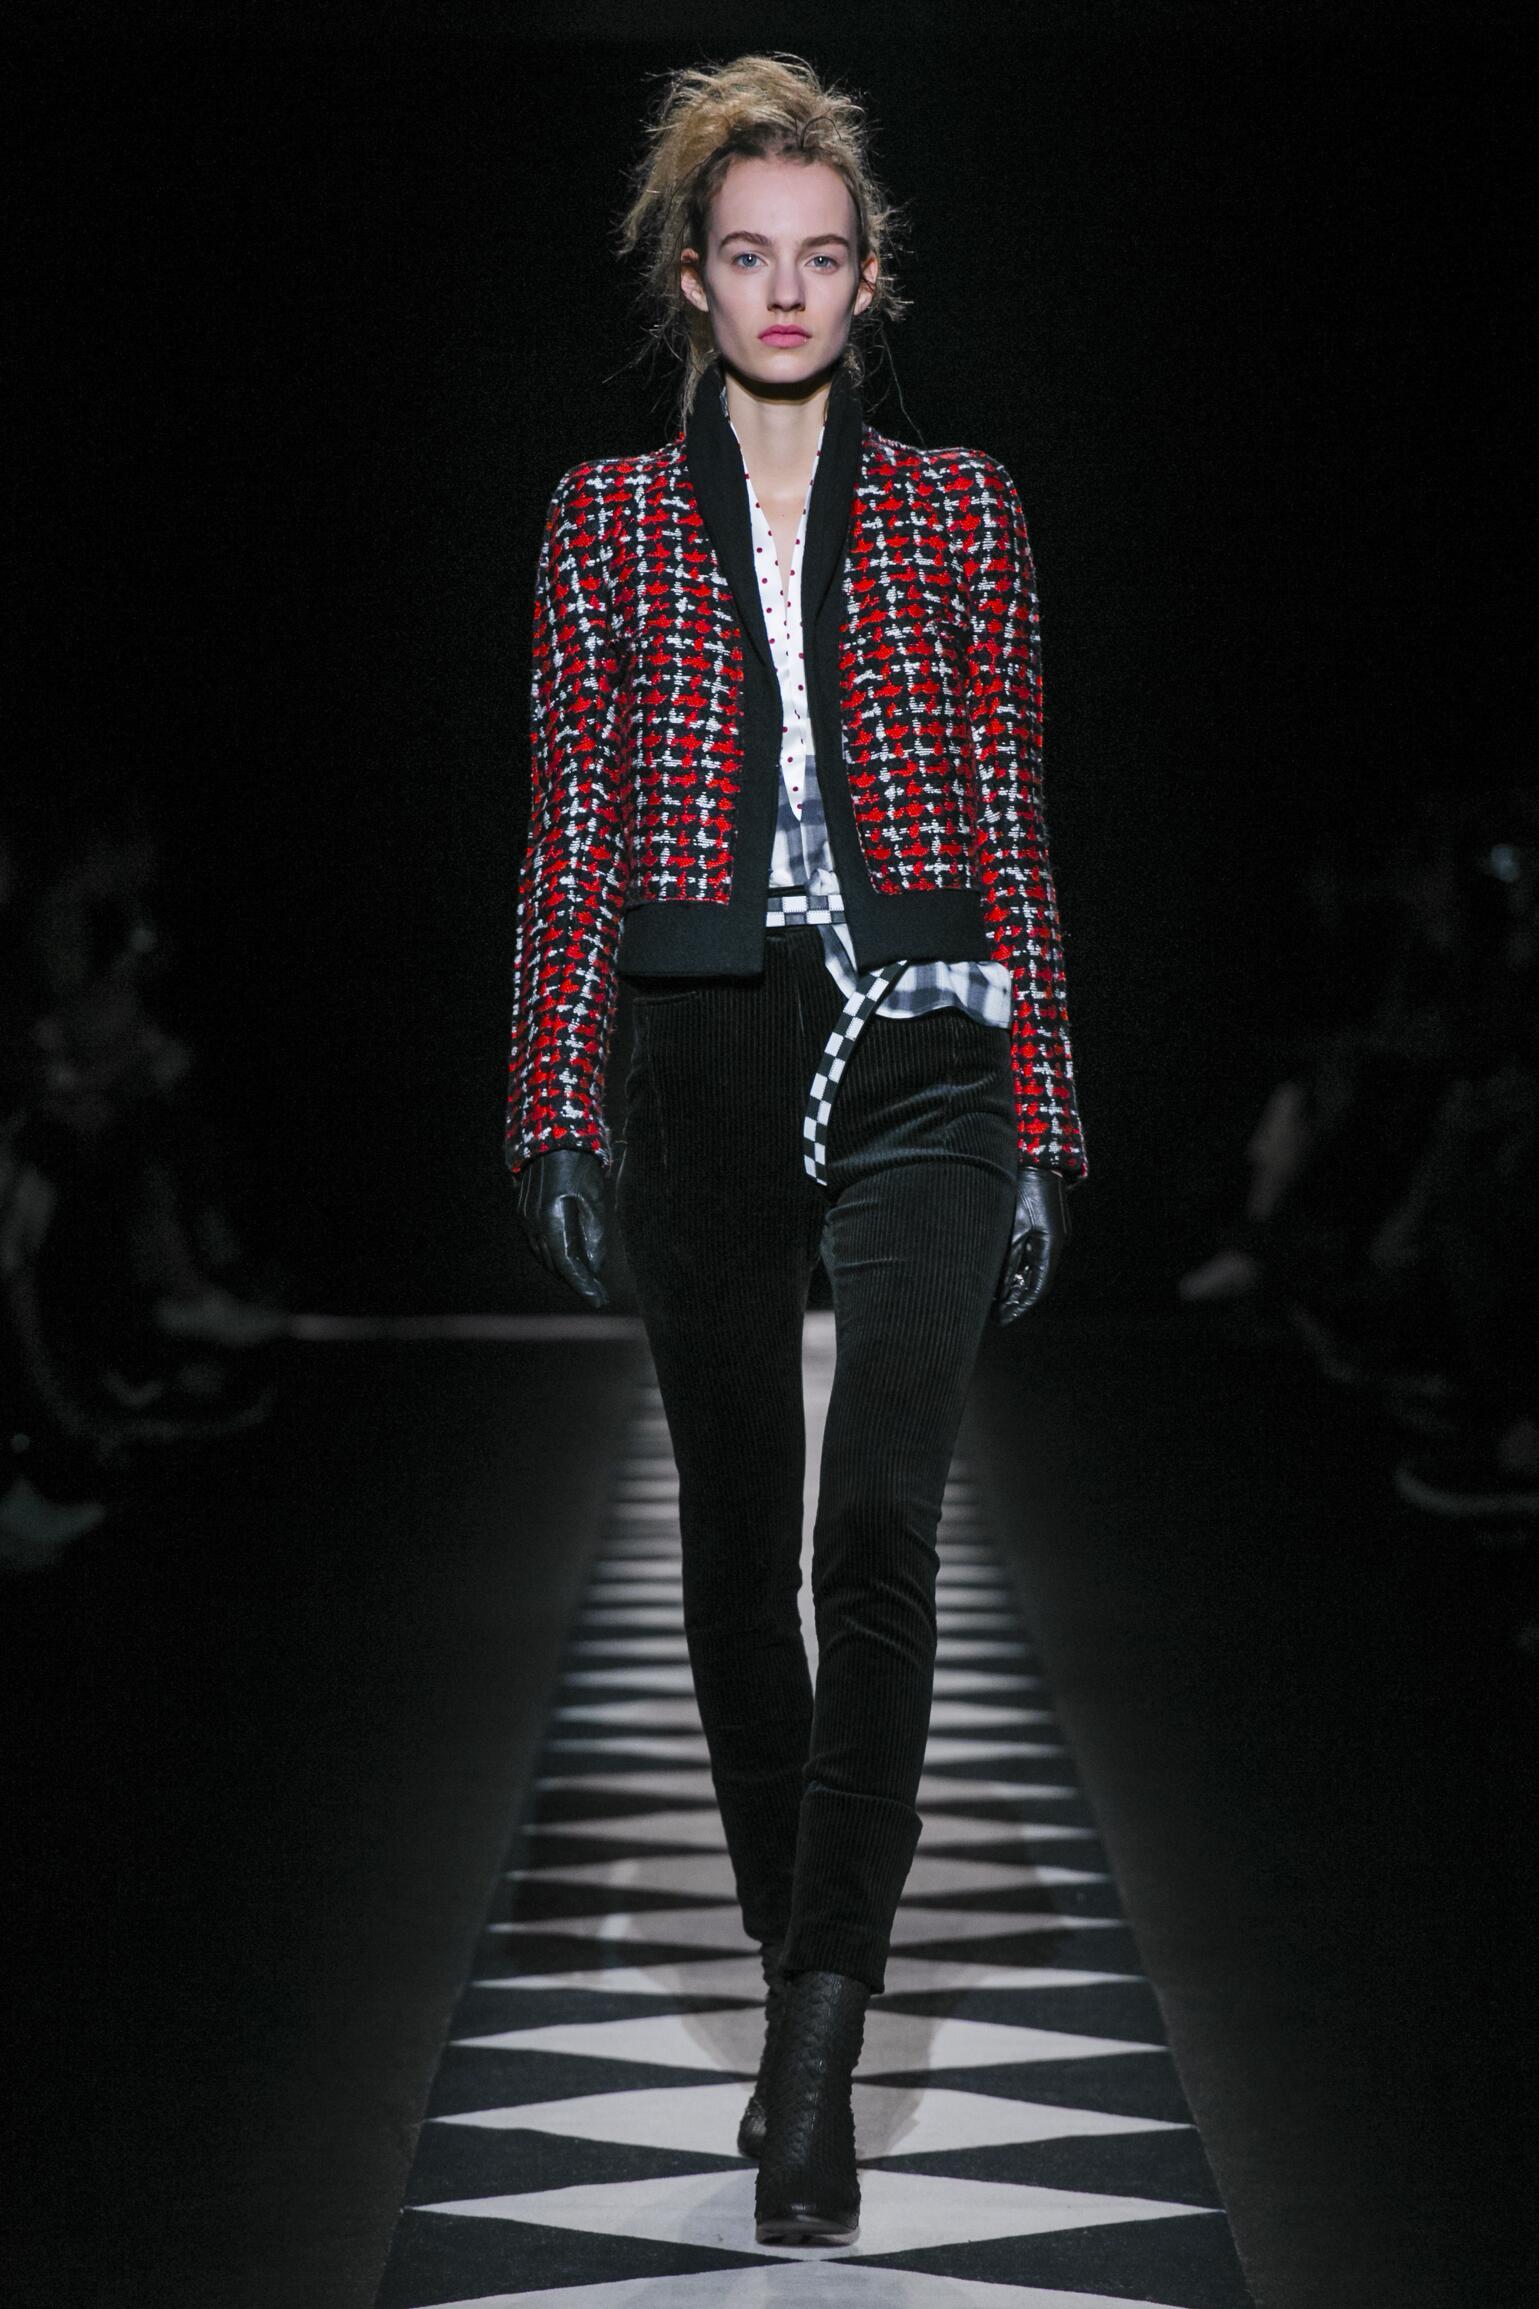 Catwalk Haider Ackermann Womenswear Collection Winter 2015